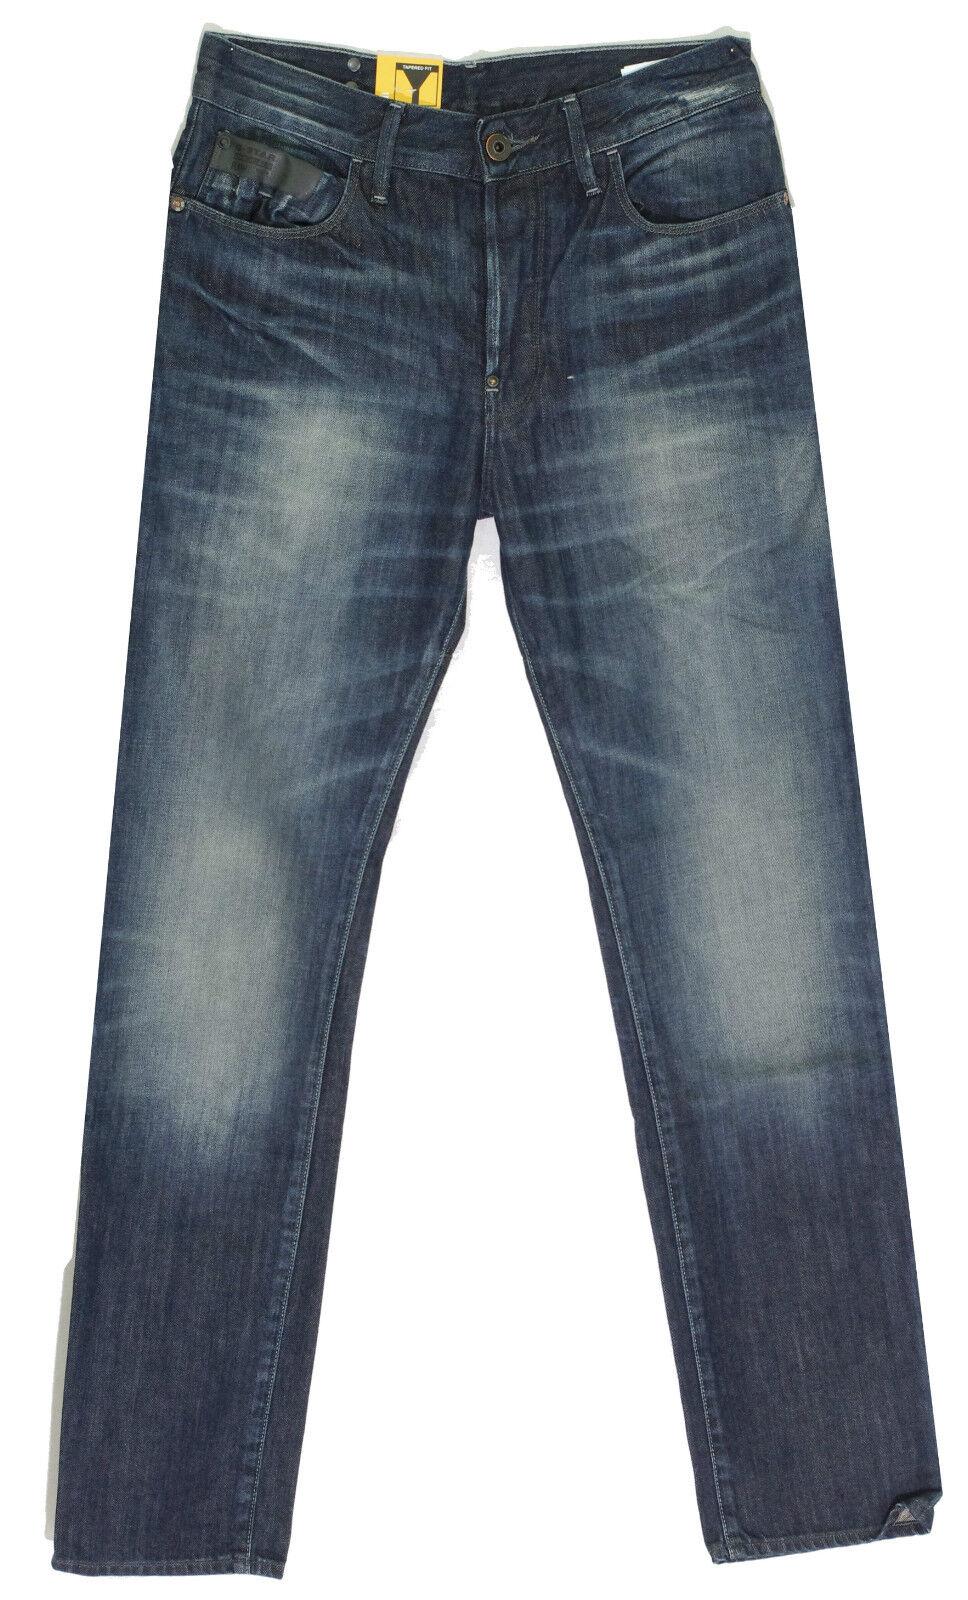 G Estrella RAW jeans homme Blades Taperojo dark  aged comfort cuisses  artículos de promoción